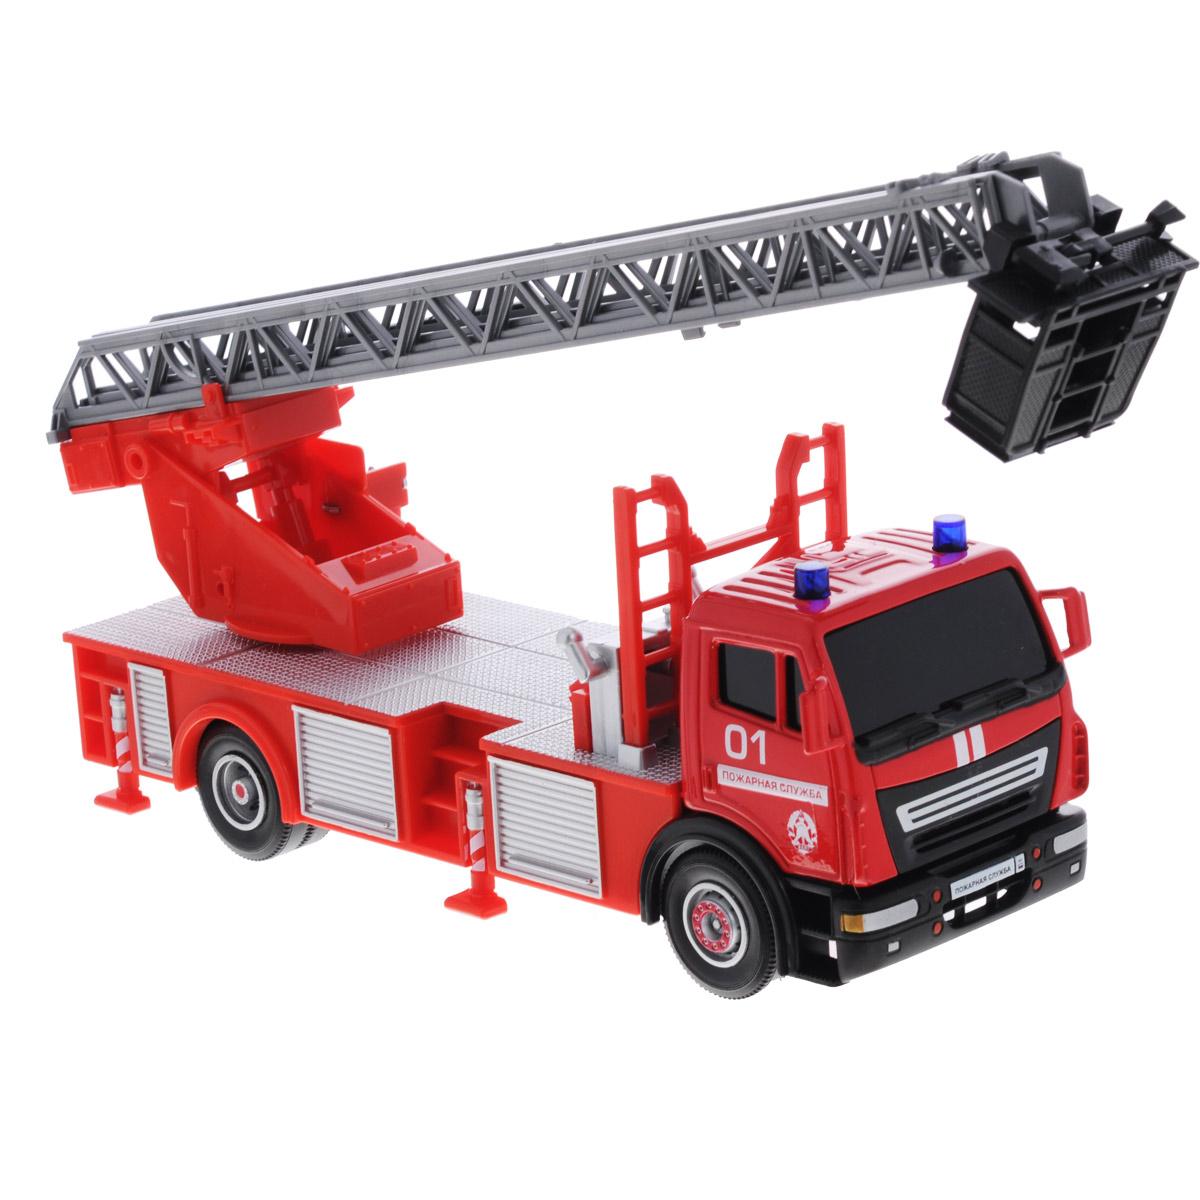 ТехноПарк Машинка Пожарная службаSB290-064Машинка Технопарк Пожарная служба, выполненная из металла и безопасного пластика, станет любимой игрушкой вашего малыша. Машинка представляет собой миниатюрную копию настоящей пожарной машины. Лестница на крыше машины поднимается и раздвигается, подъемный механизм вращается. Ваш ребенок будет часами играть с этой машинкой, придумывая различные истории. Порадуйте его таким замечательным подарком!